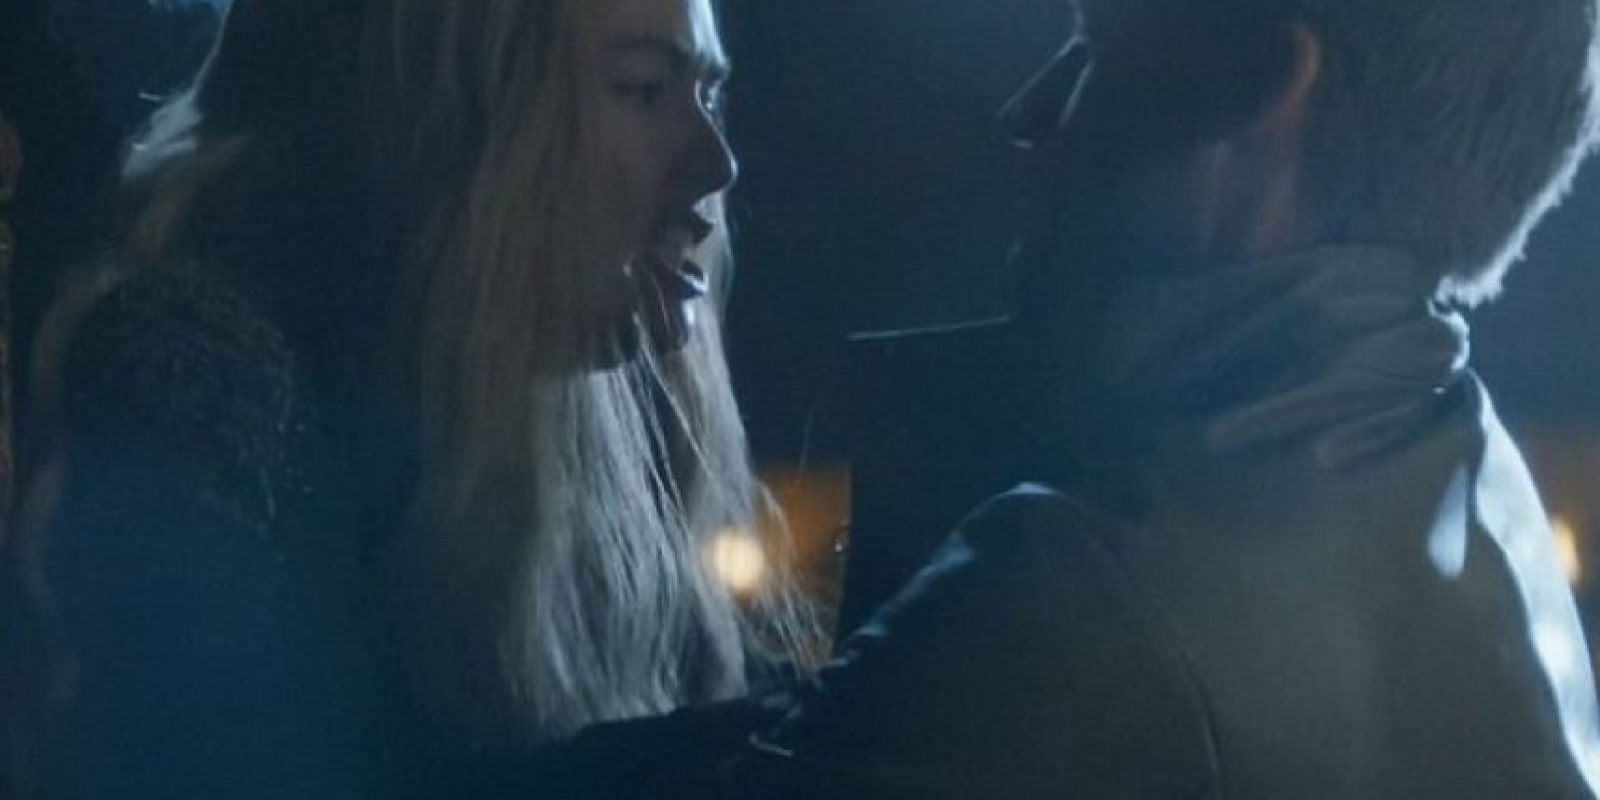 """9. En el funeral de """"Joffrey"""", sus padres, """"Cersei"""" y """"Jaime"""", que también son hermanos, tienen sexo salvaje al frente de su cadáver. Ella se resiste. Foto:vía HBO"""